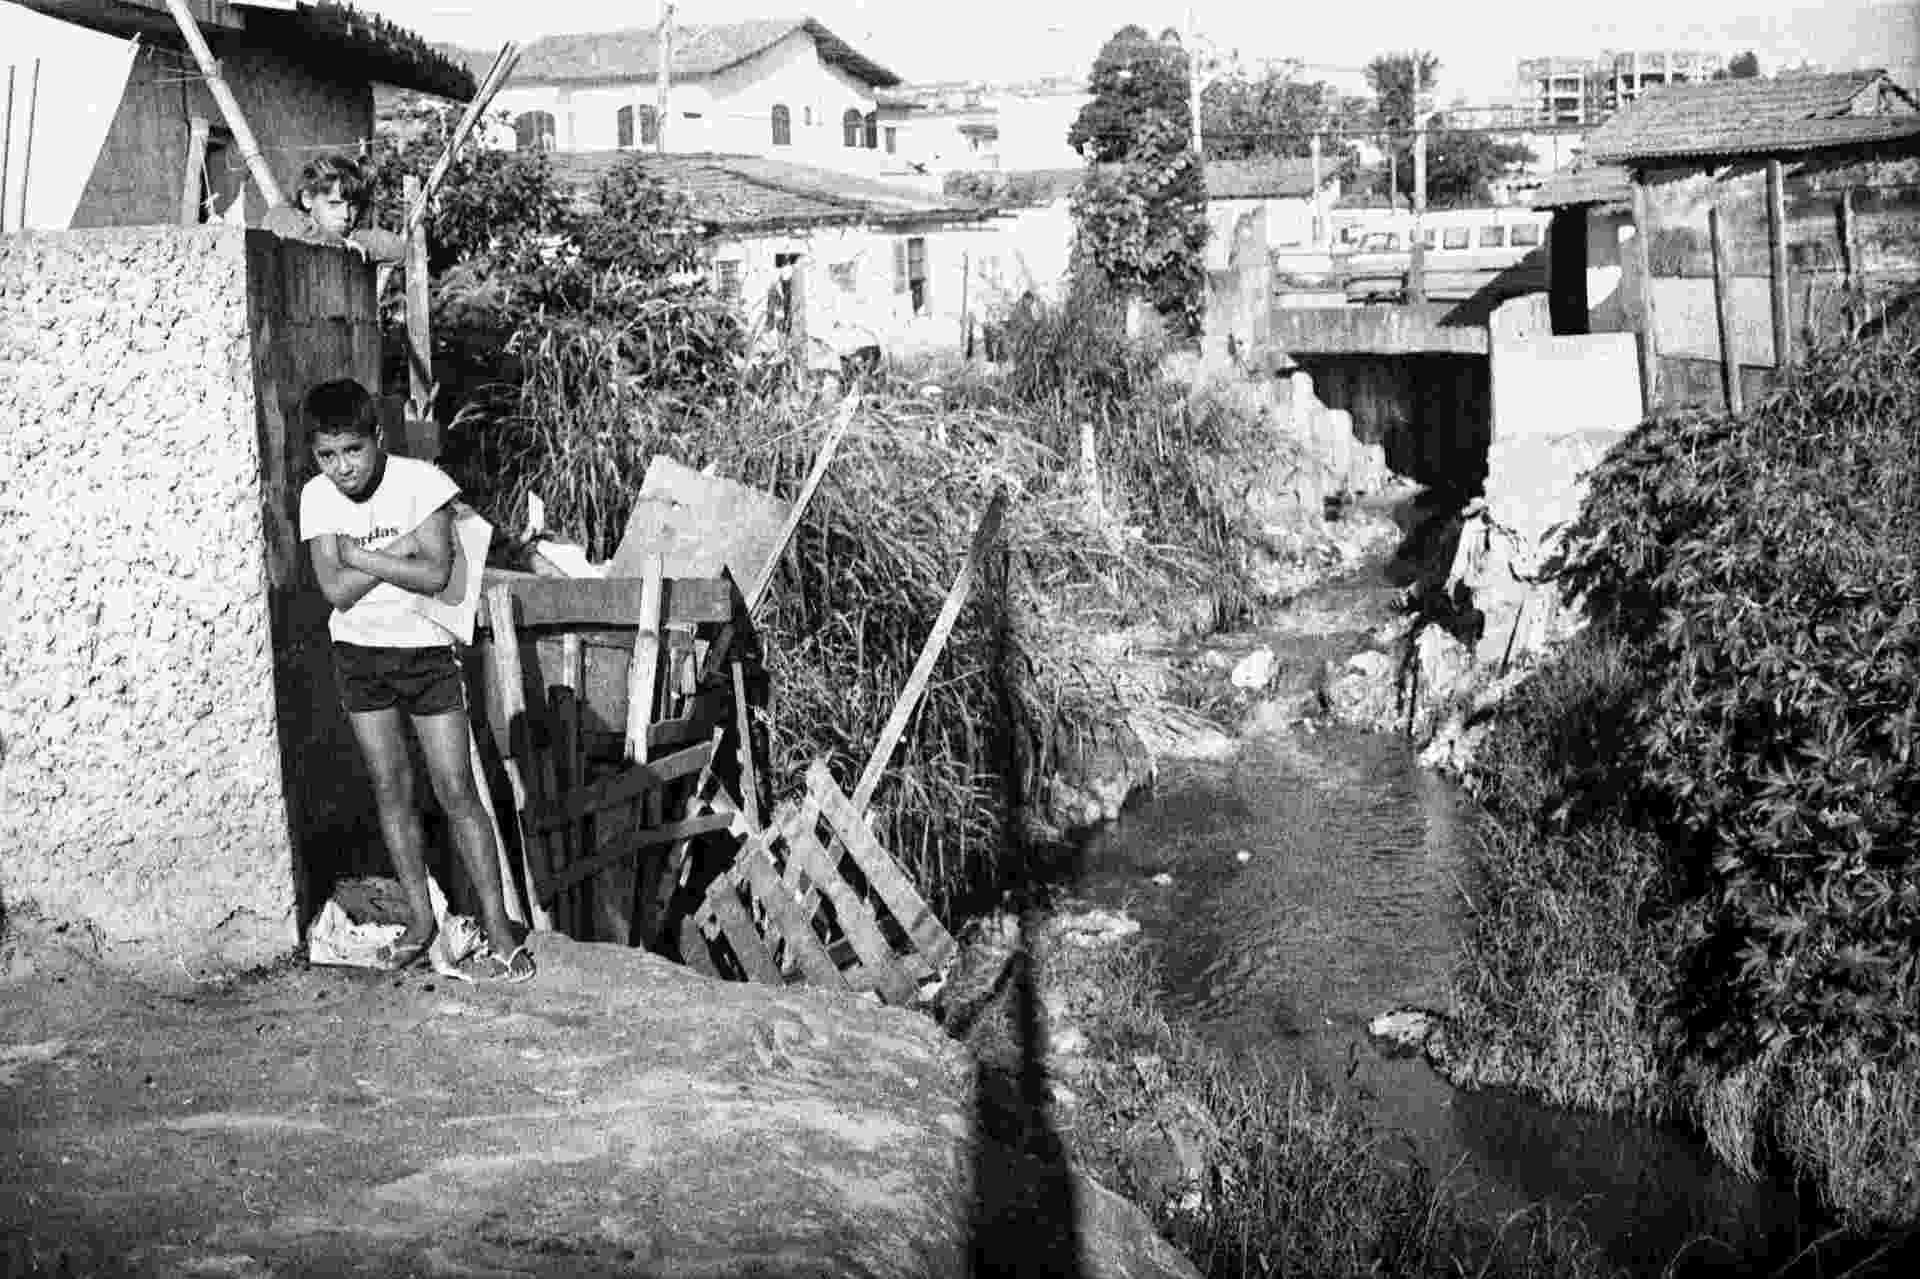 """Foto feita por David Zing em Americanópolis durante sua cobertura para o """"Notícias Populares"""", em 1986 - Divulgação / David Zingg"""